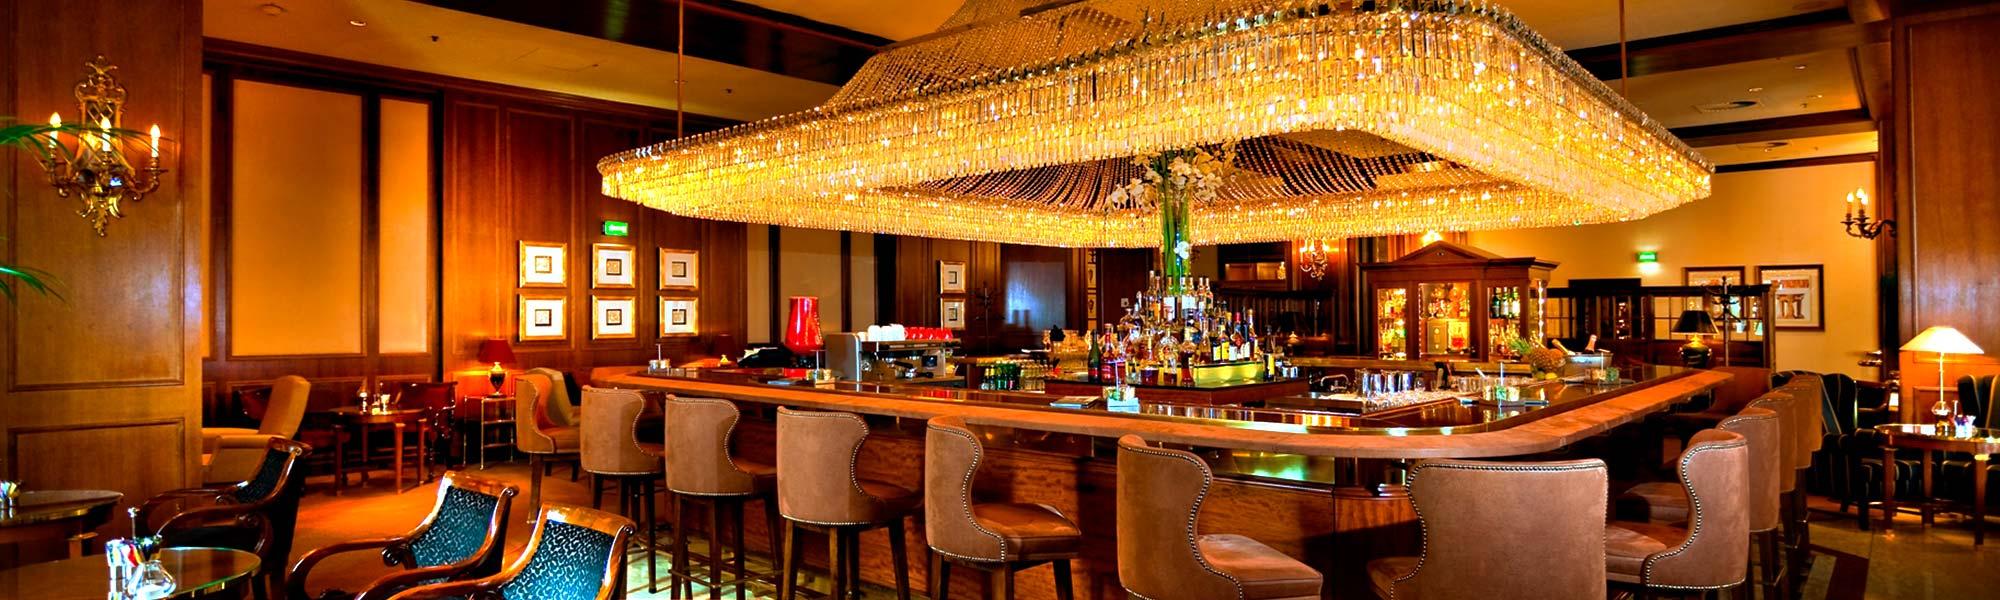 Intermezzo Bar | InterContinental Wien